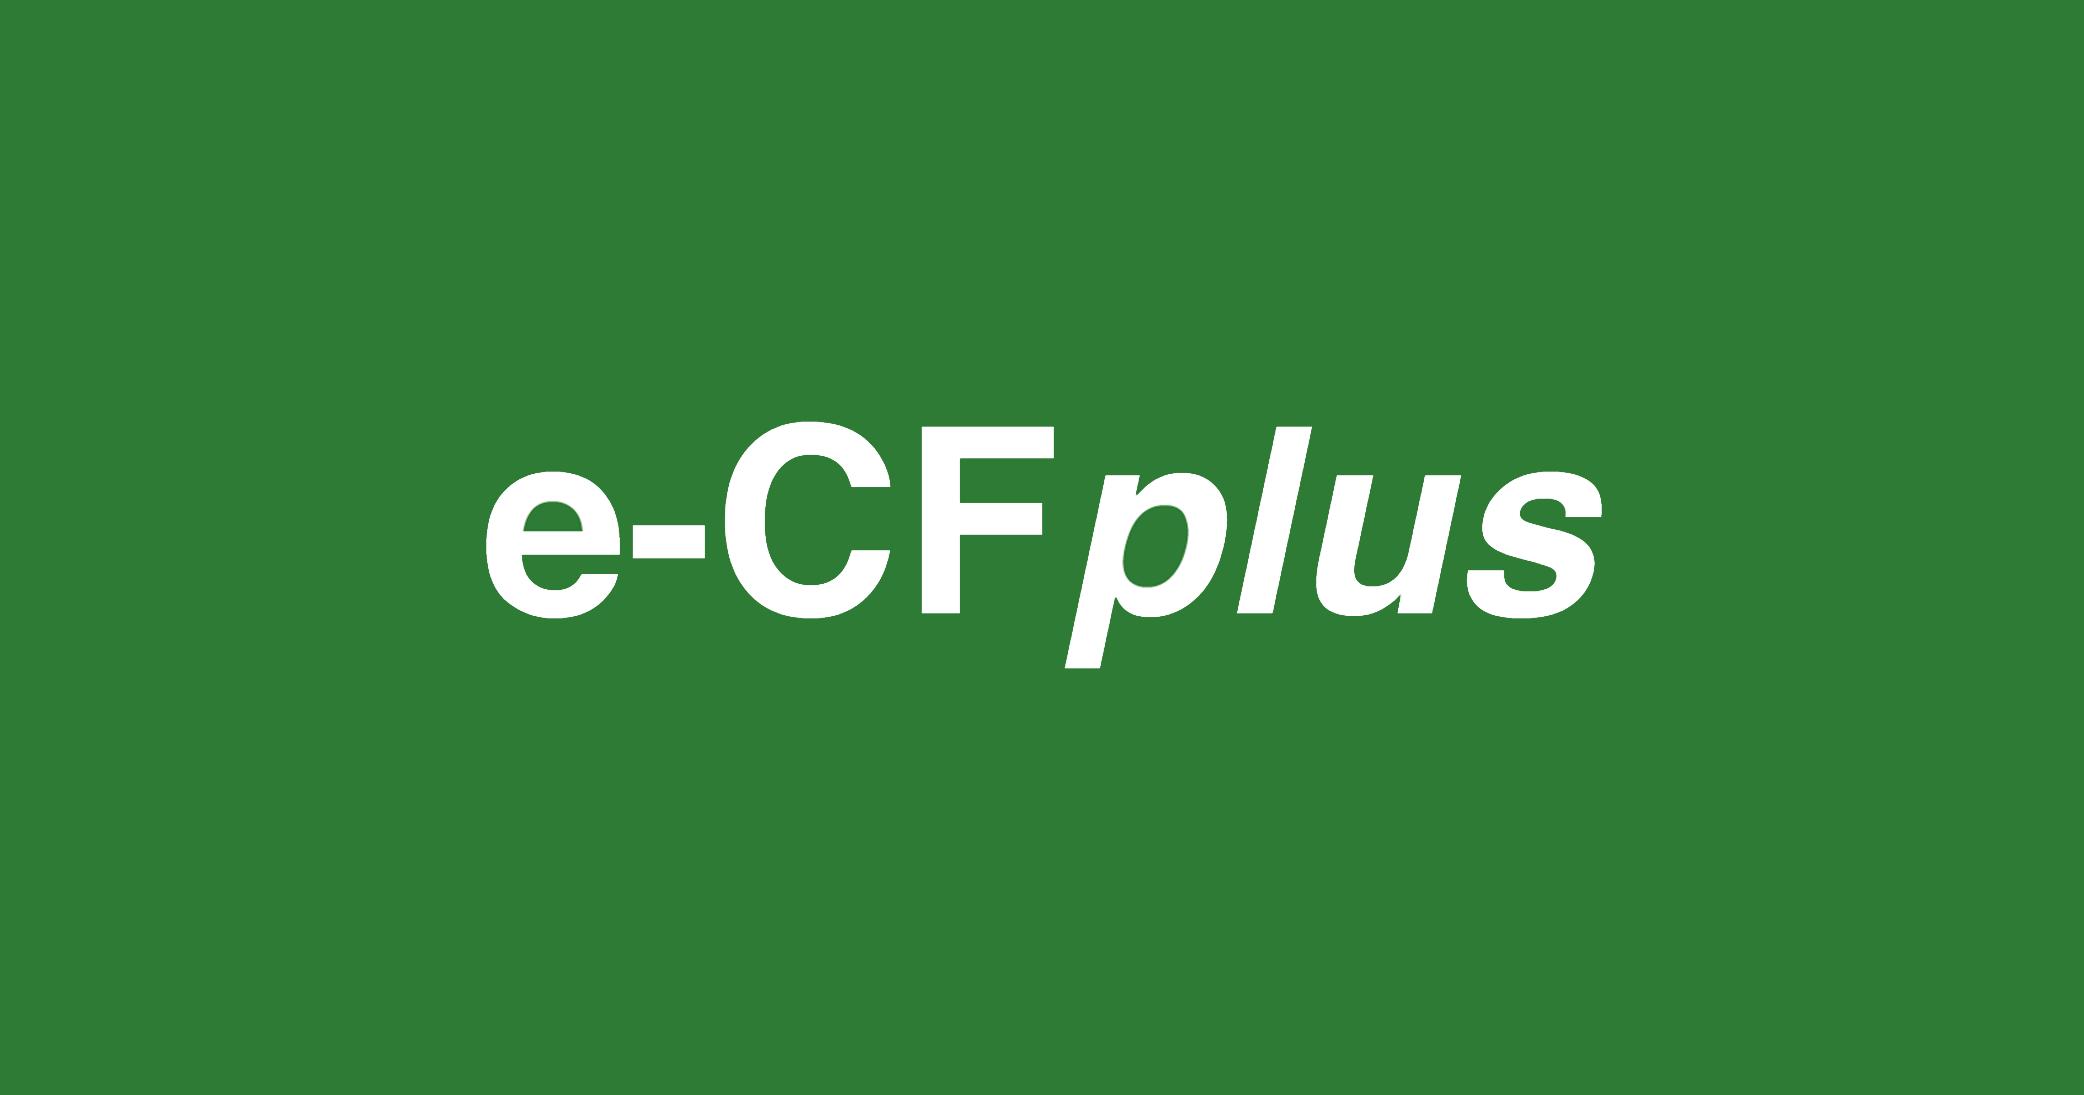 sfondo verde - logo e-CF plus